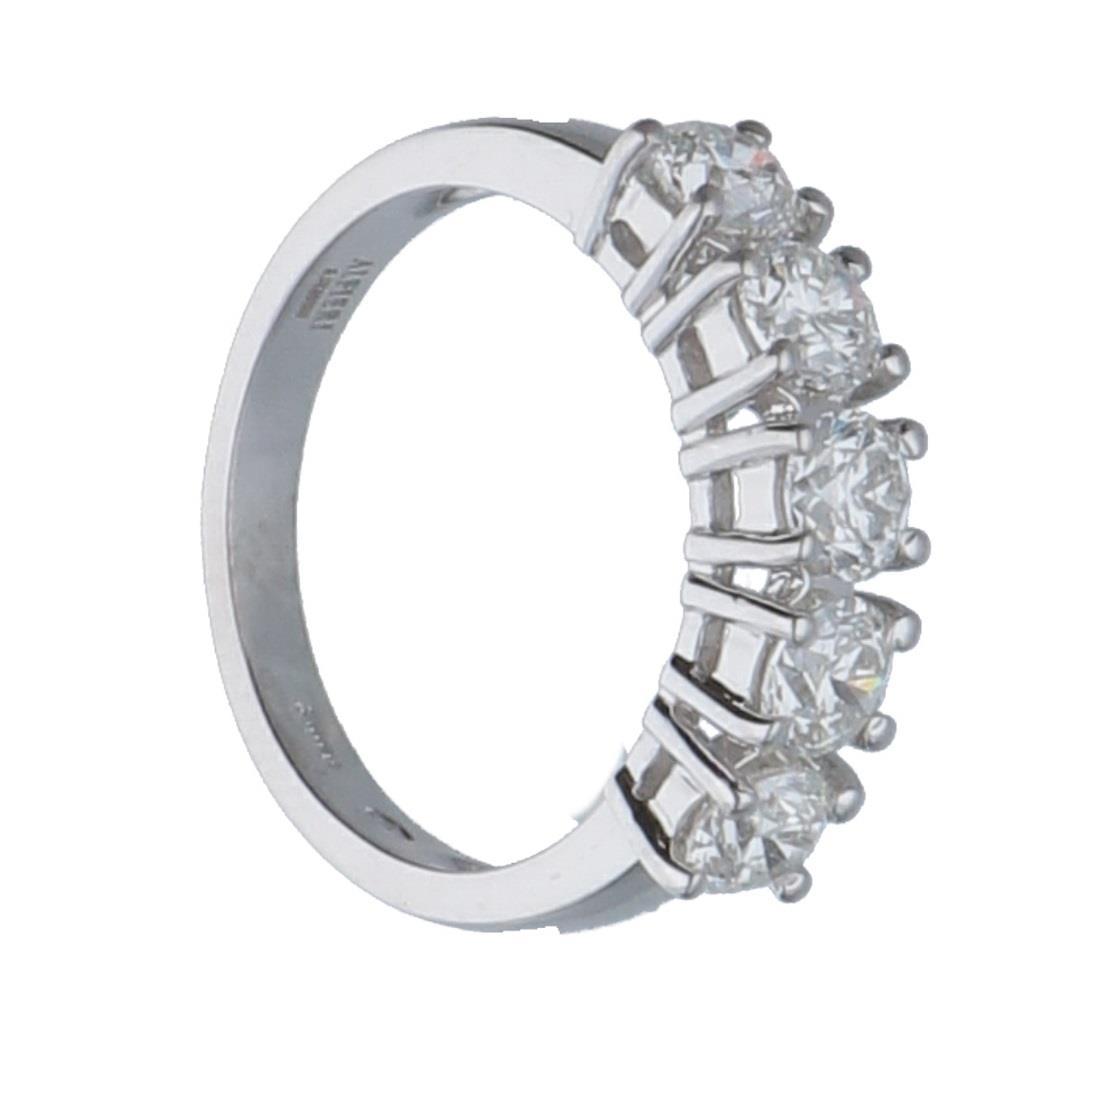 Anello riviére 5 pietre in oro bianco con diamanti mis 13 - ALFIERI & ST. JOHN